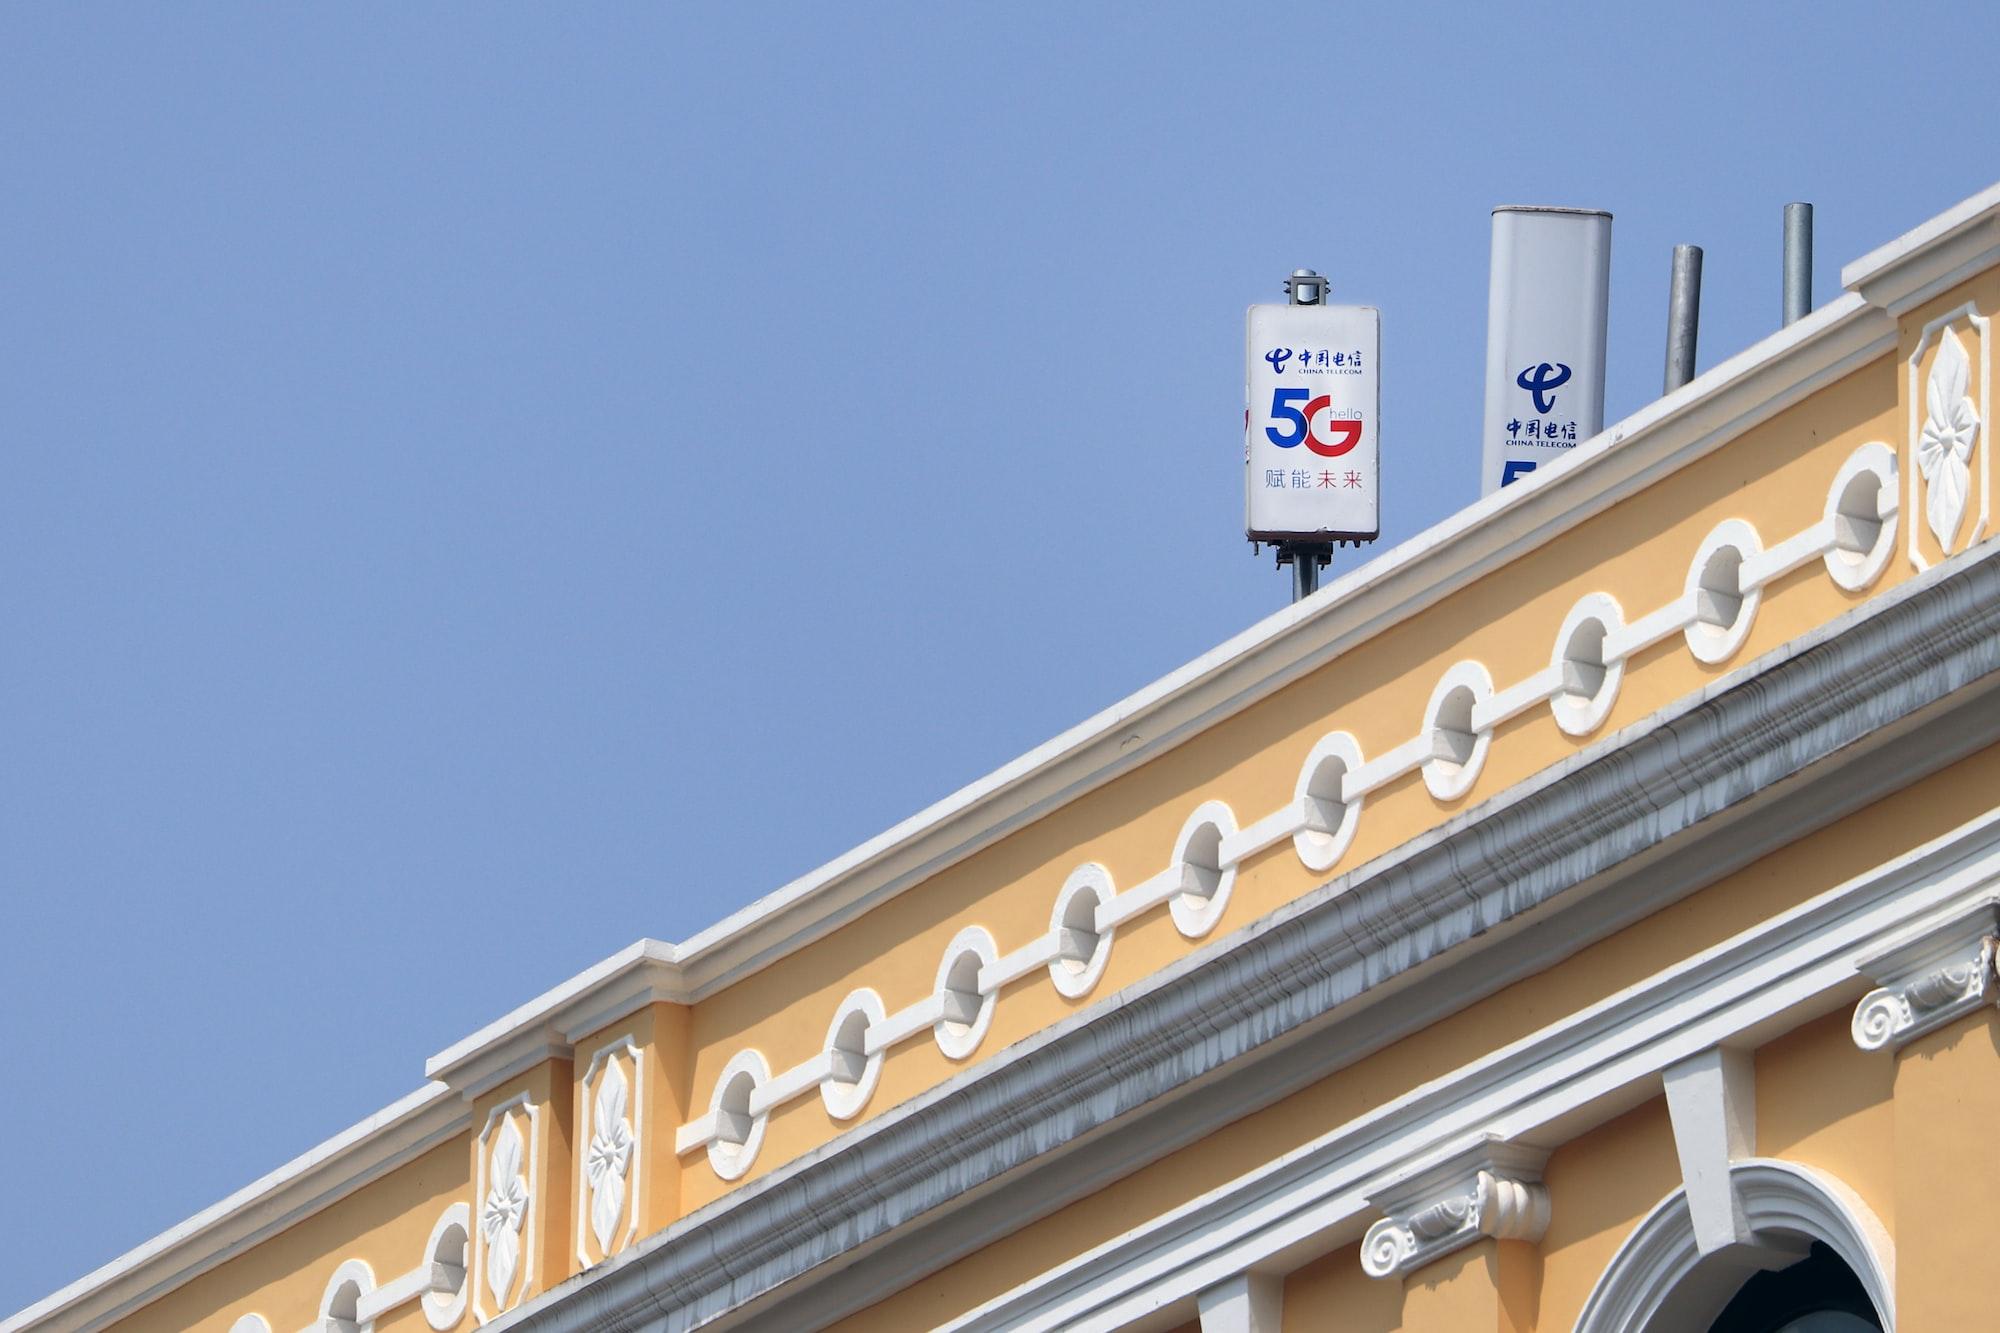 A tecnologia 5G também mostra-se como um passo para a conectividade de qualidade para todos. Photo by Macau Photo Agency / Unsplash